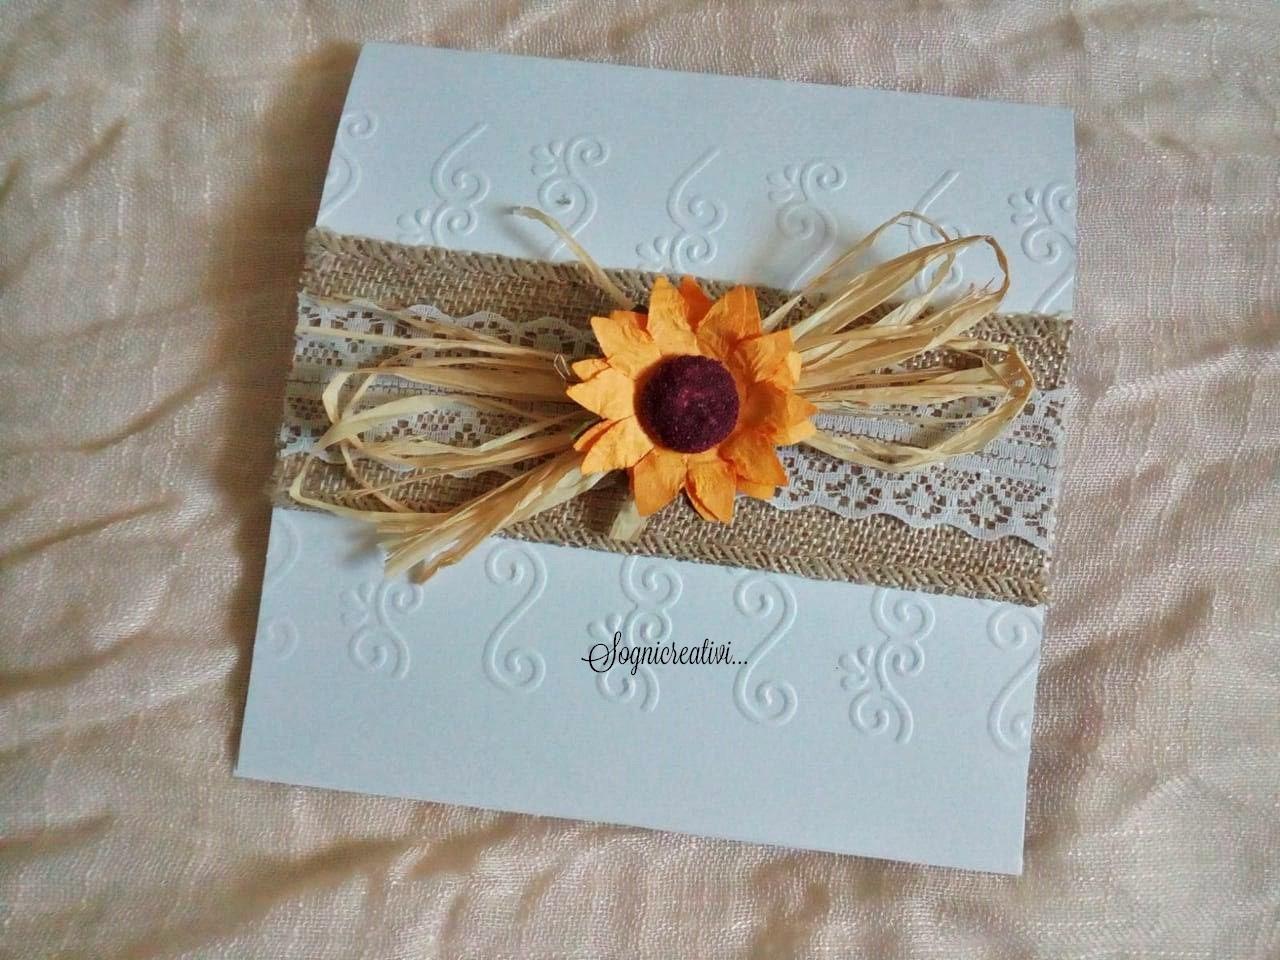 Partecipazioni Matrimonio Con Girasoli : Partecipazioni sognicreativi wedding and events: partecipazioni